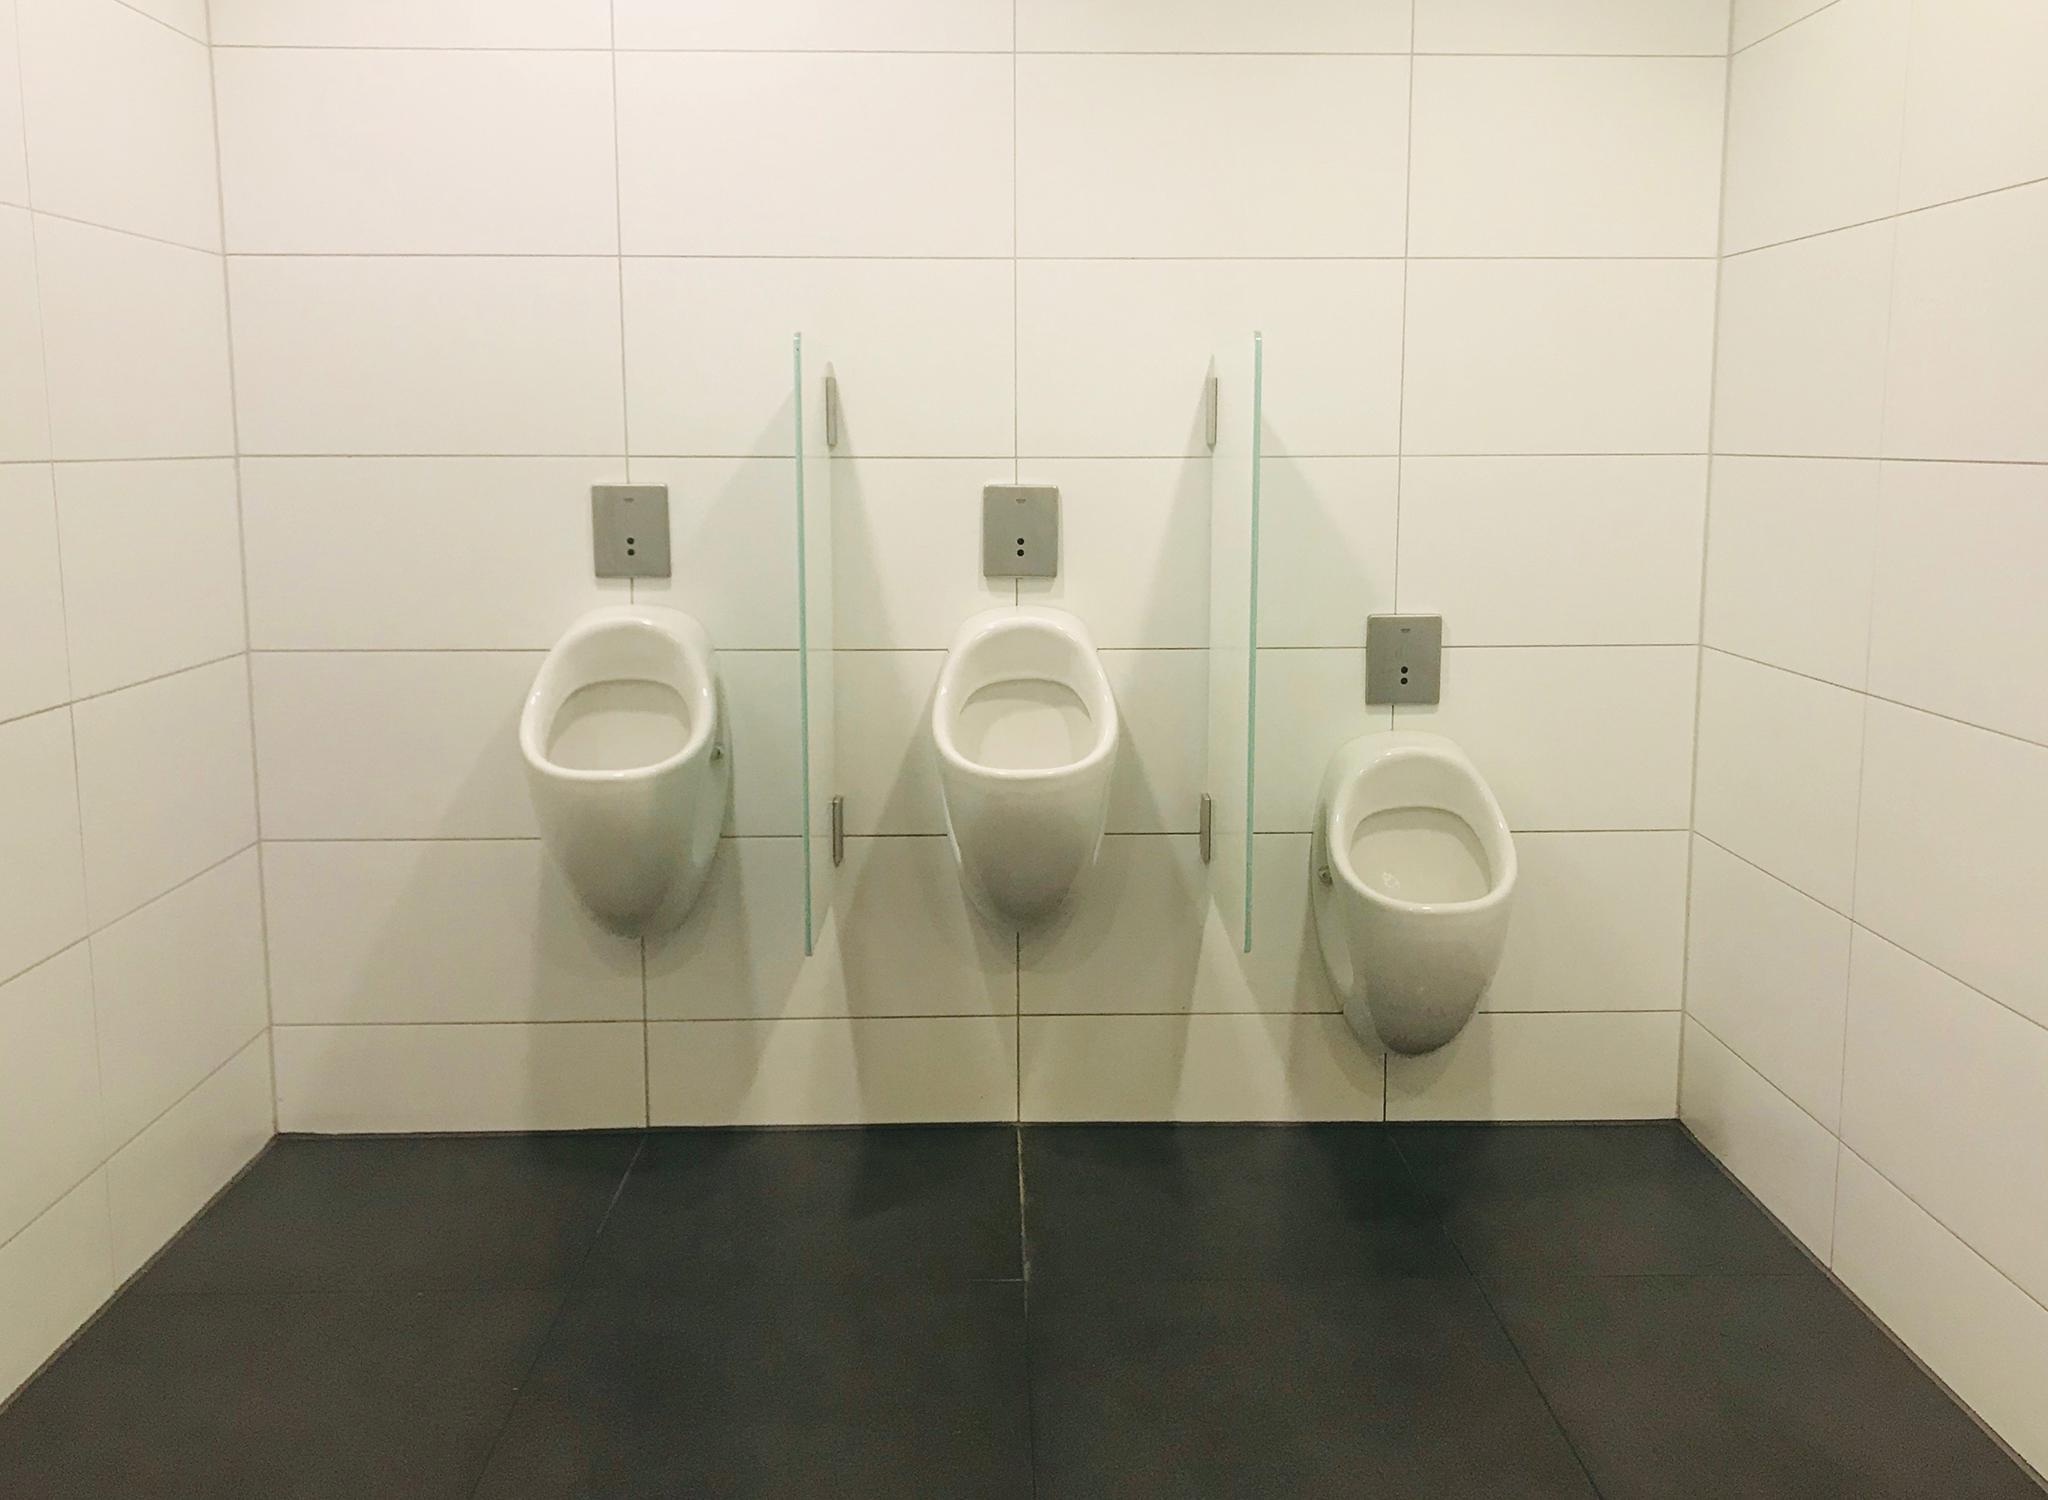 ぐるり雑考 空港 トイレ オーストリア